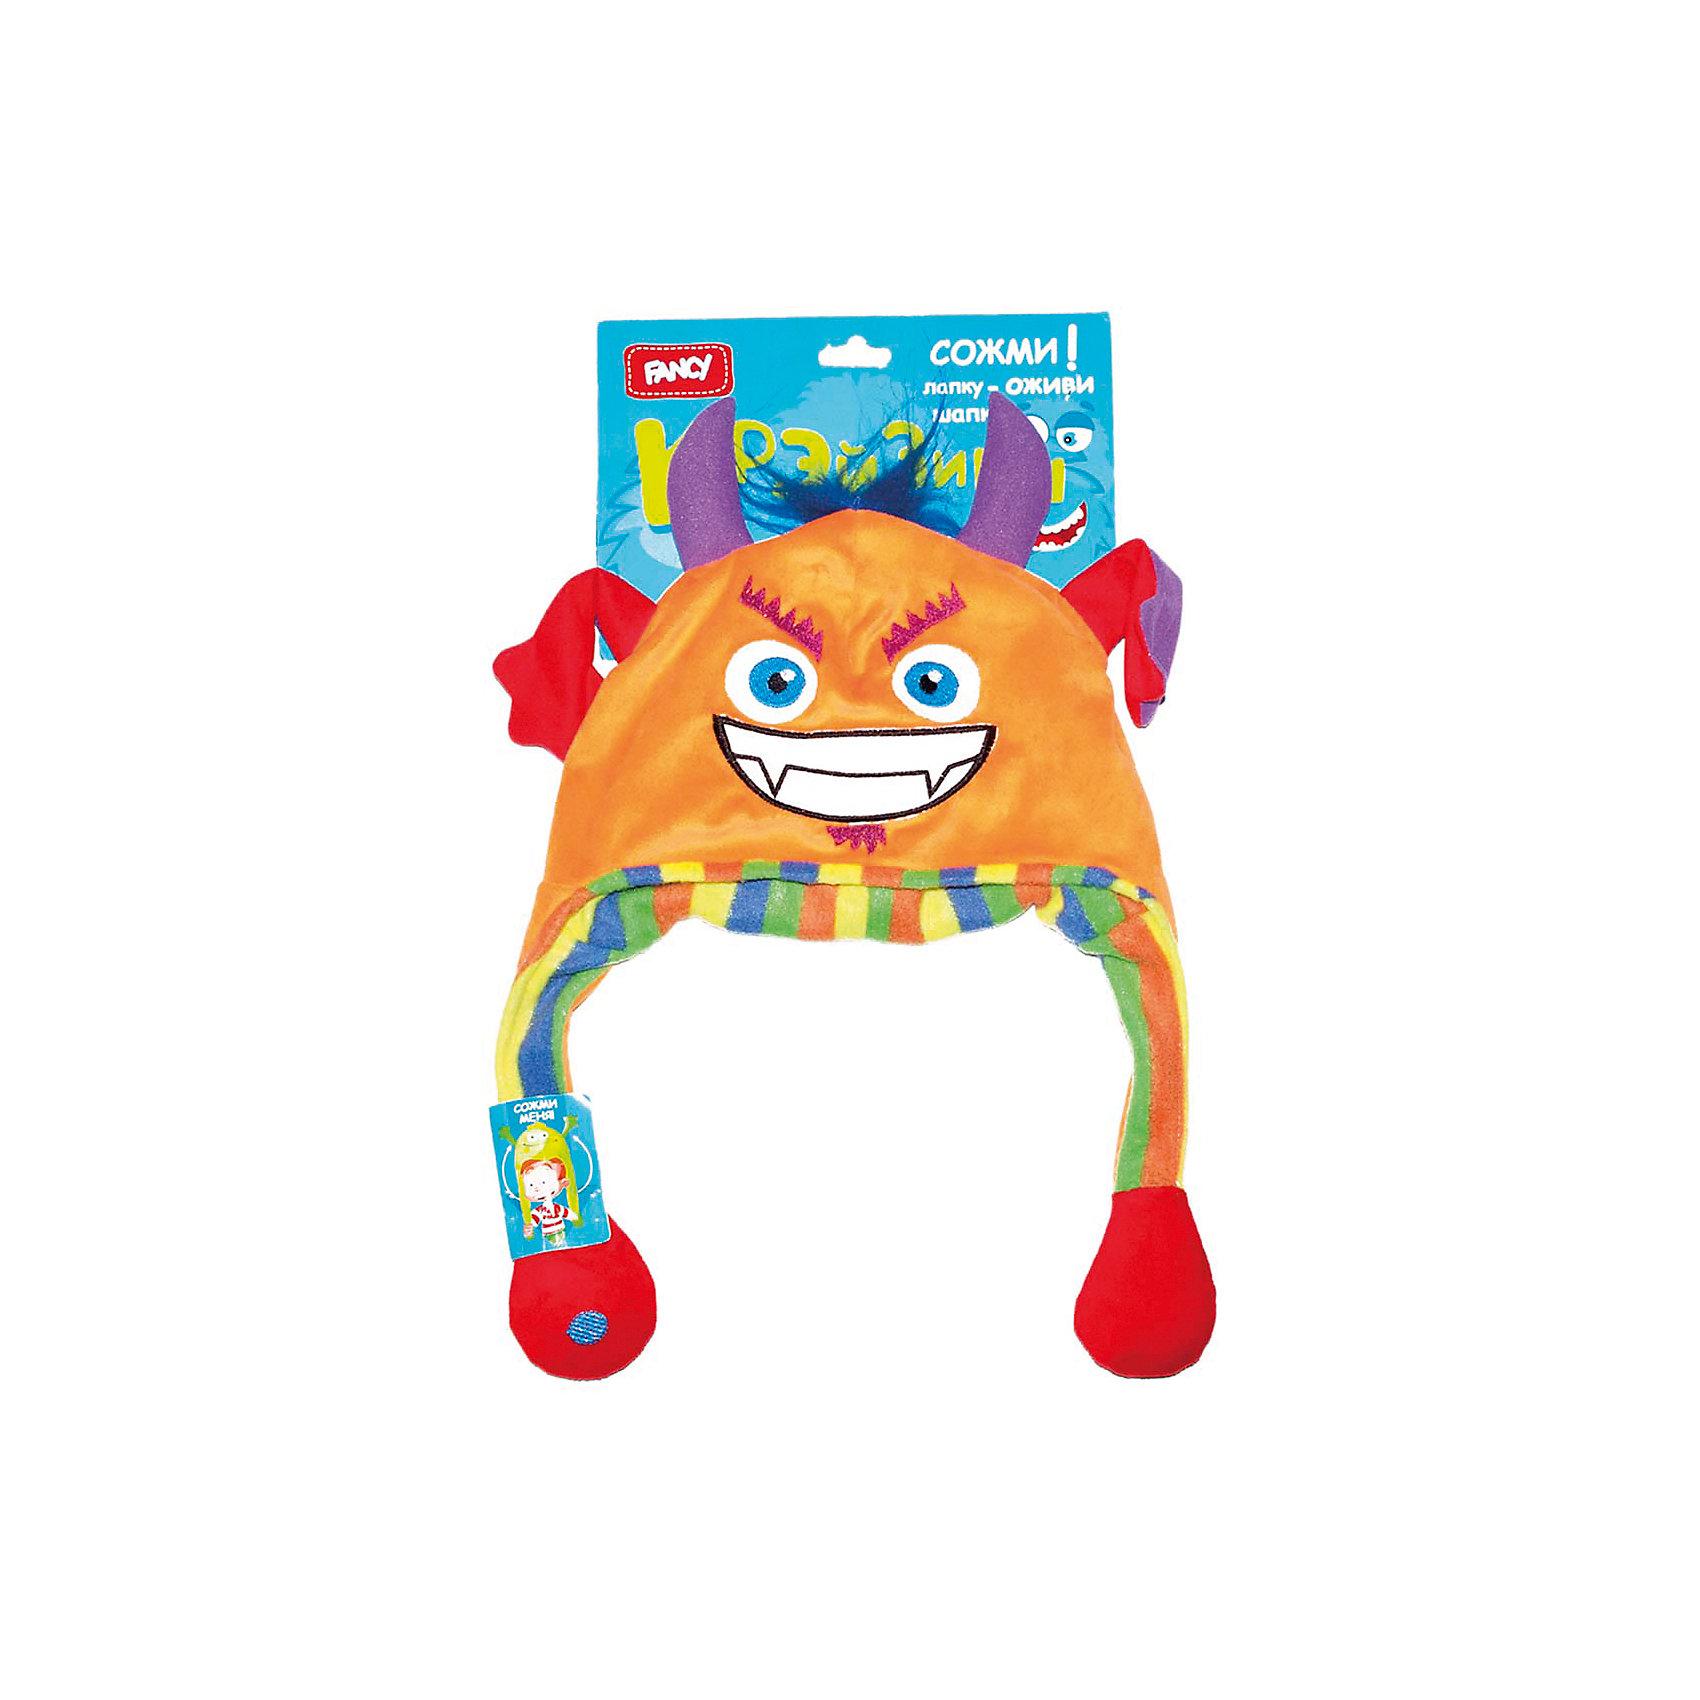 Головной убор Шапка-чёртик, FancyМягкие игрушки животные<br>Порадуйте ребенка такой смешной Шапкой-чертик!<br><br>Дополнительная информация: <br><br>- Материал: 100 % плюш.<br>- Размер упаковки: 21х17х35 см.<br>- Вес в упаковке: 220 г.<br><br>Купить головной убор Шапка-чертик от Fancy, можно в нашем магазине.<br><br>Ширина мм: 500<br>Глубина мм: 270<br>Высота мм: 30<br>Вес г: 90<br>Возраст от месяцев: 60<br>Возраст до месяцев: 2147483647<br>Пол: Унисекс<br>Возраст: Детский<br>SKU: 5025384